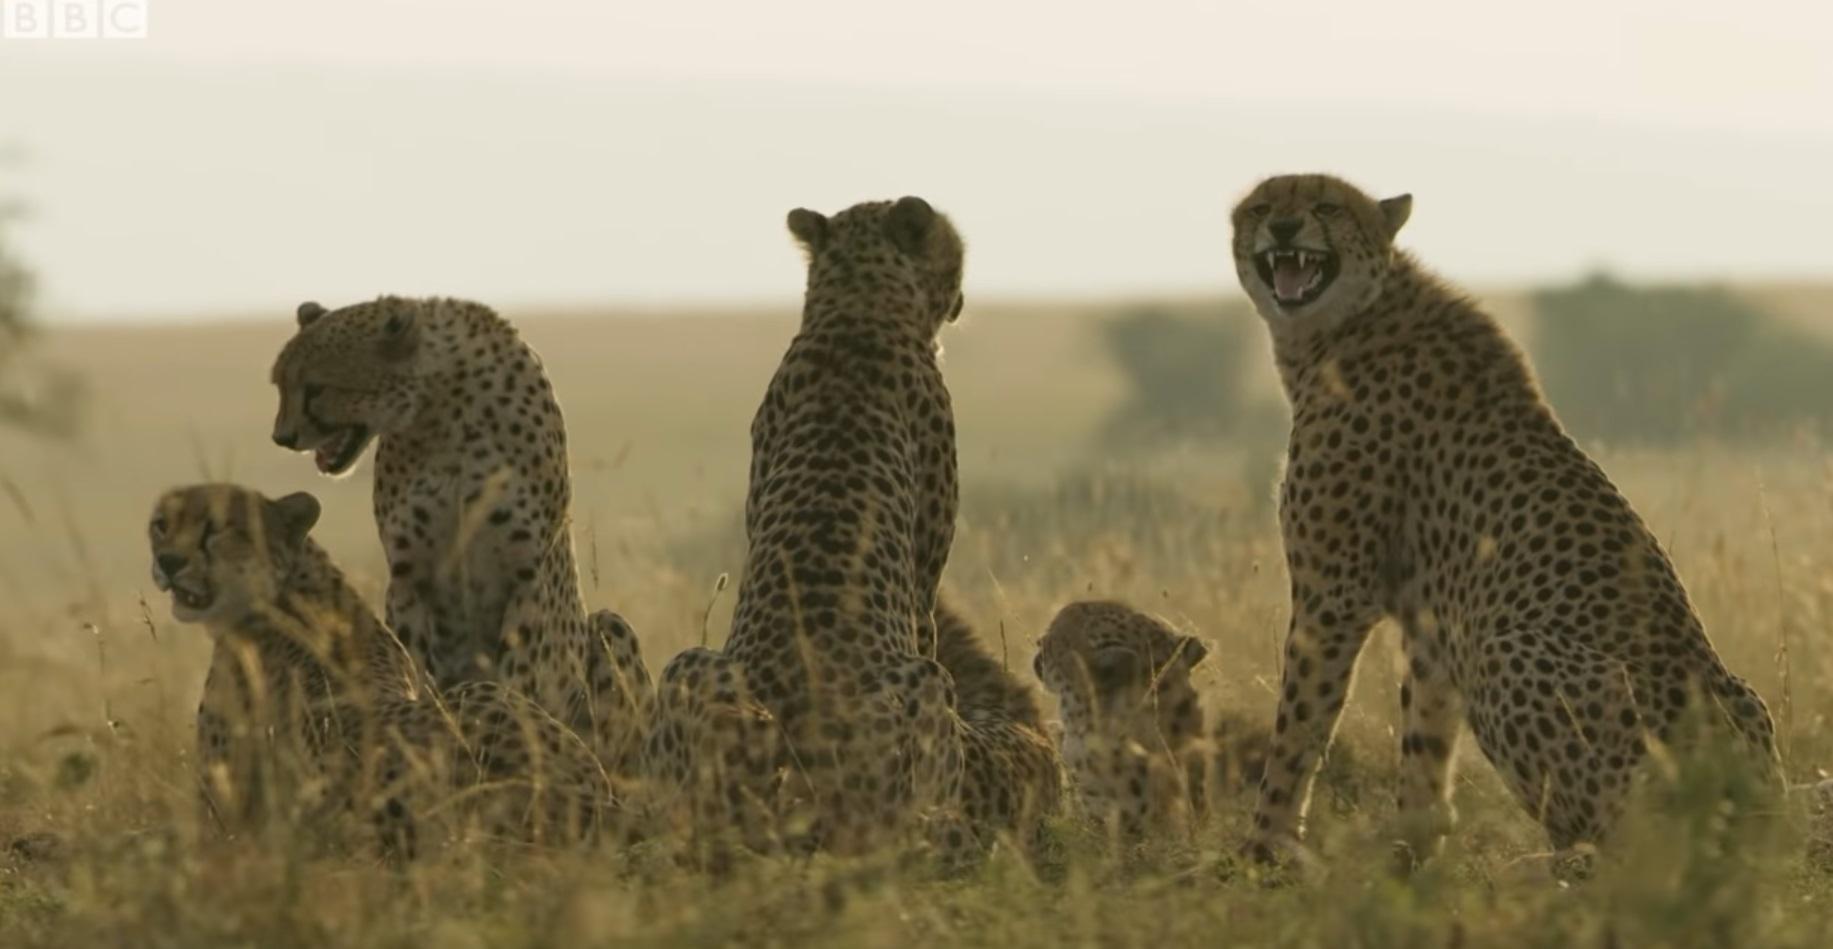 Rare Group Of 8 Cheetah